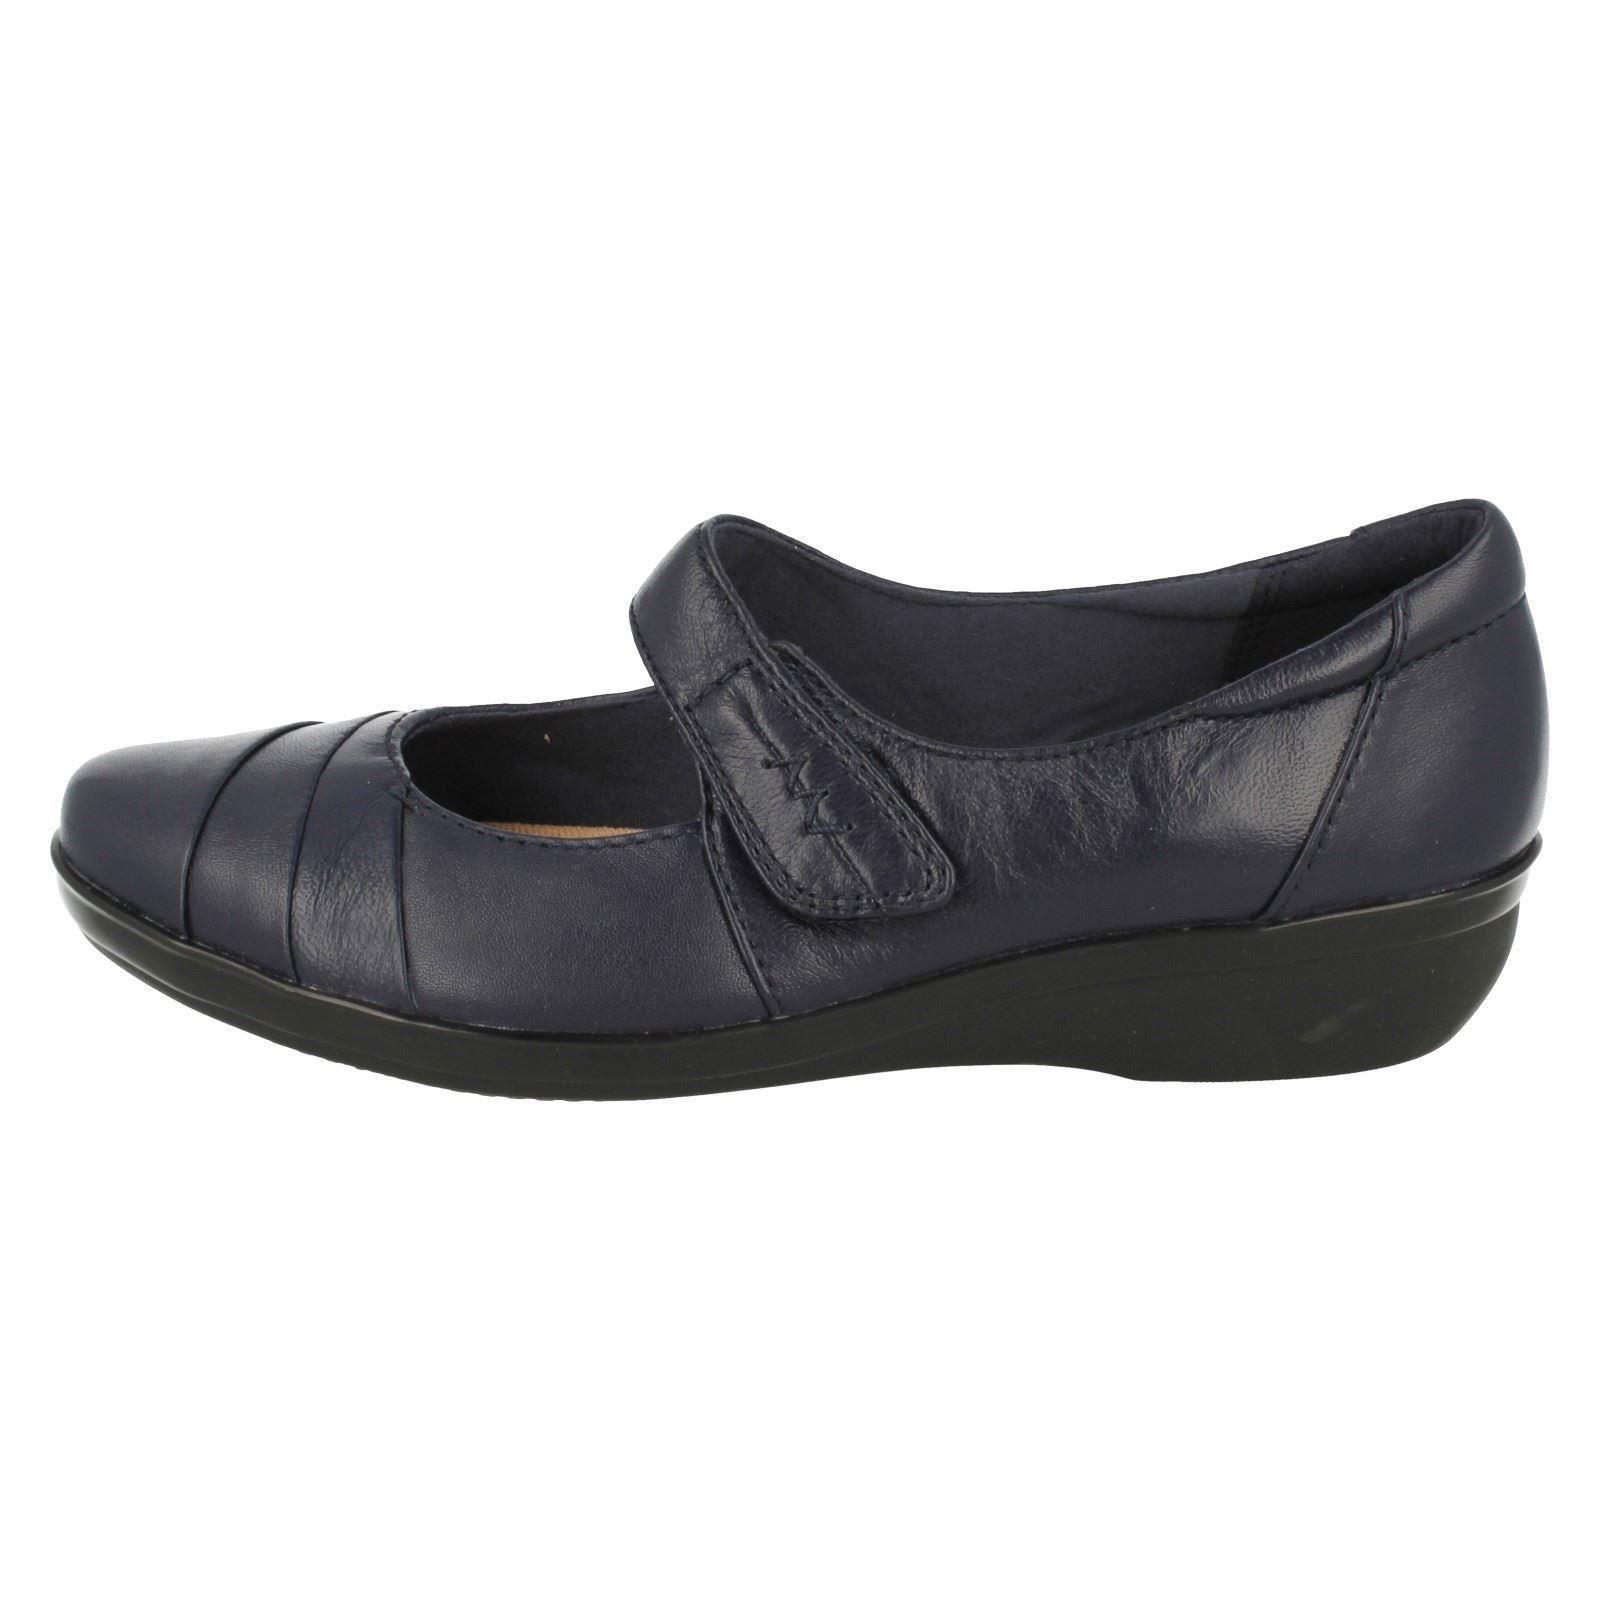 Damen Kennon' Clarks Kissen weich Smart Schuhe 'everlay Kennon' Damen 36b3c0